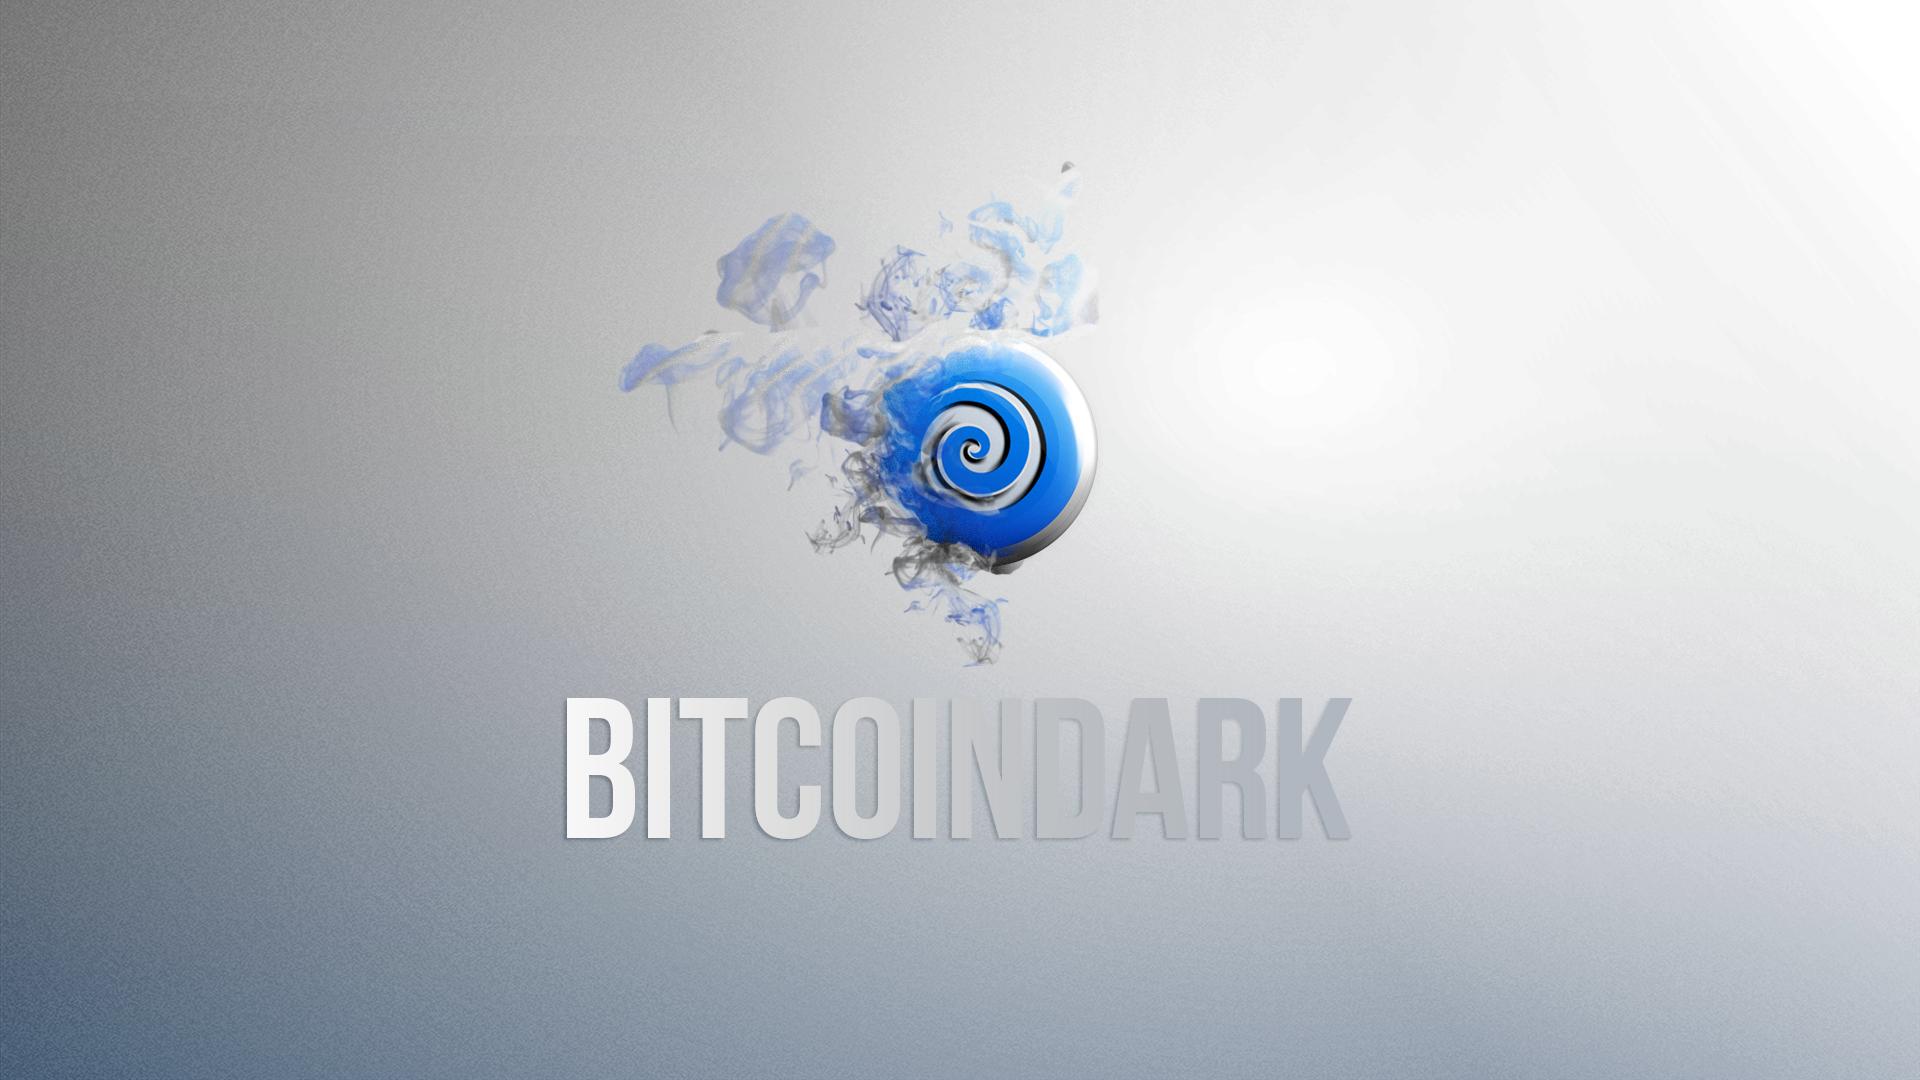 بیت کوین دارک BitcoinDark چیست ؟